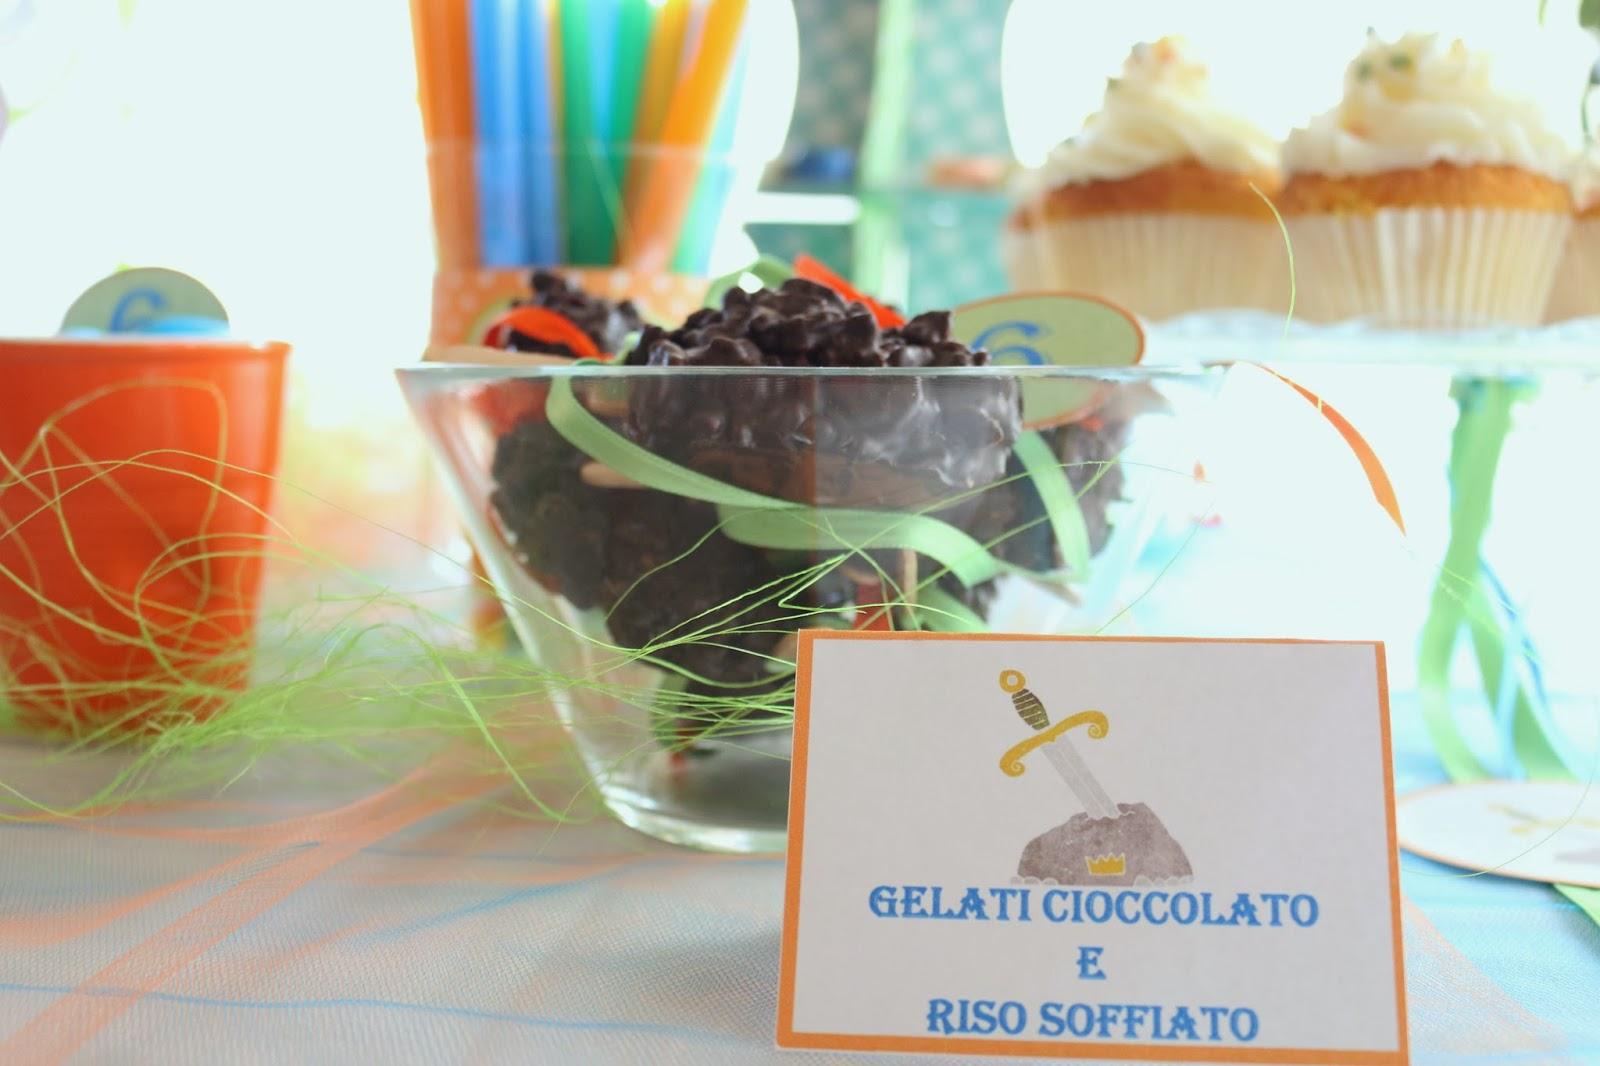 gelati di cioccolato